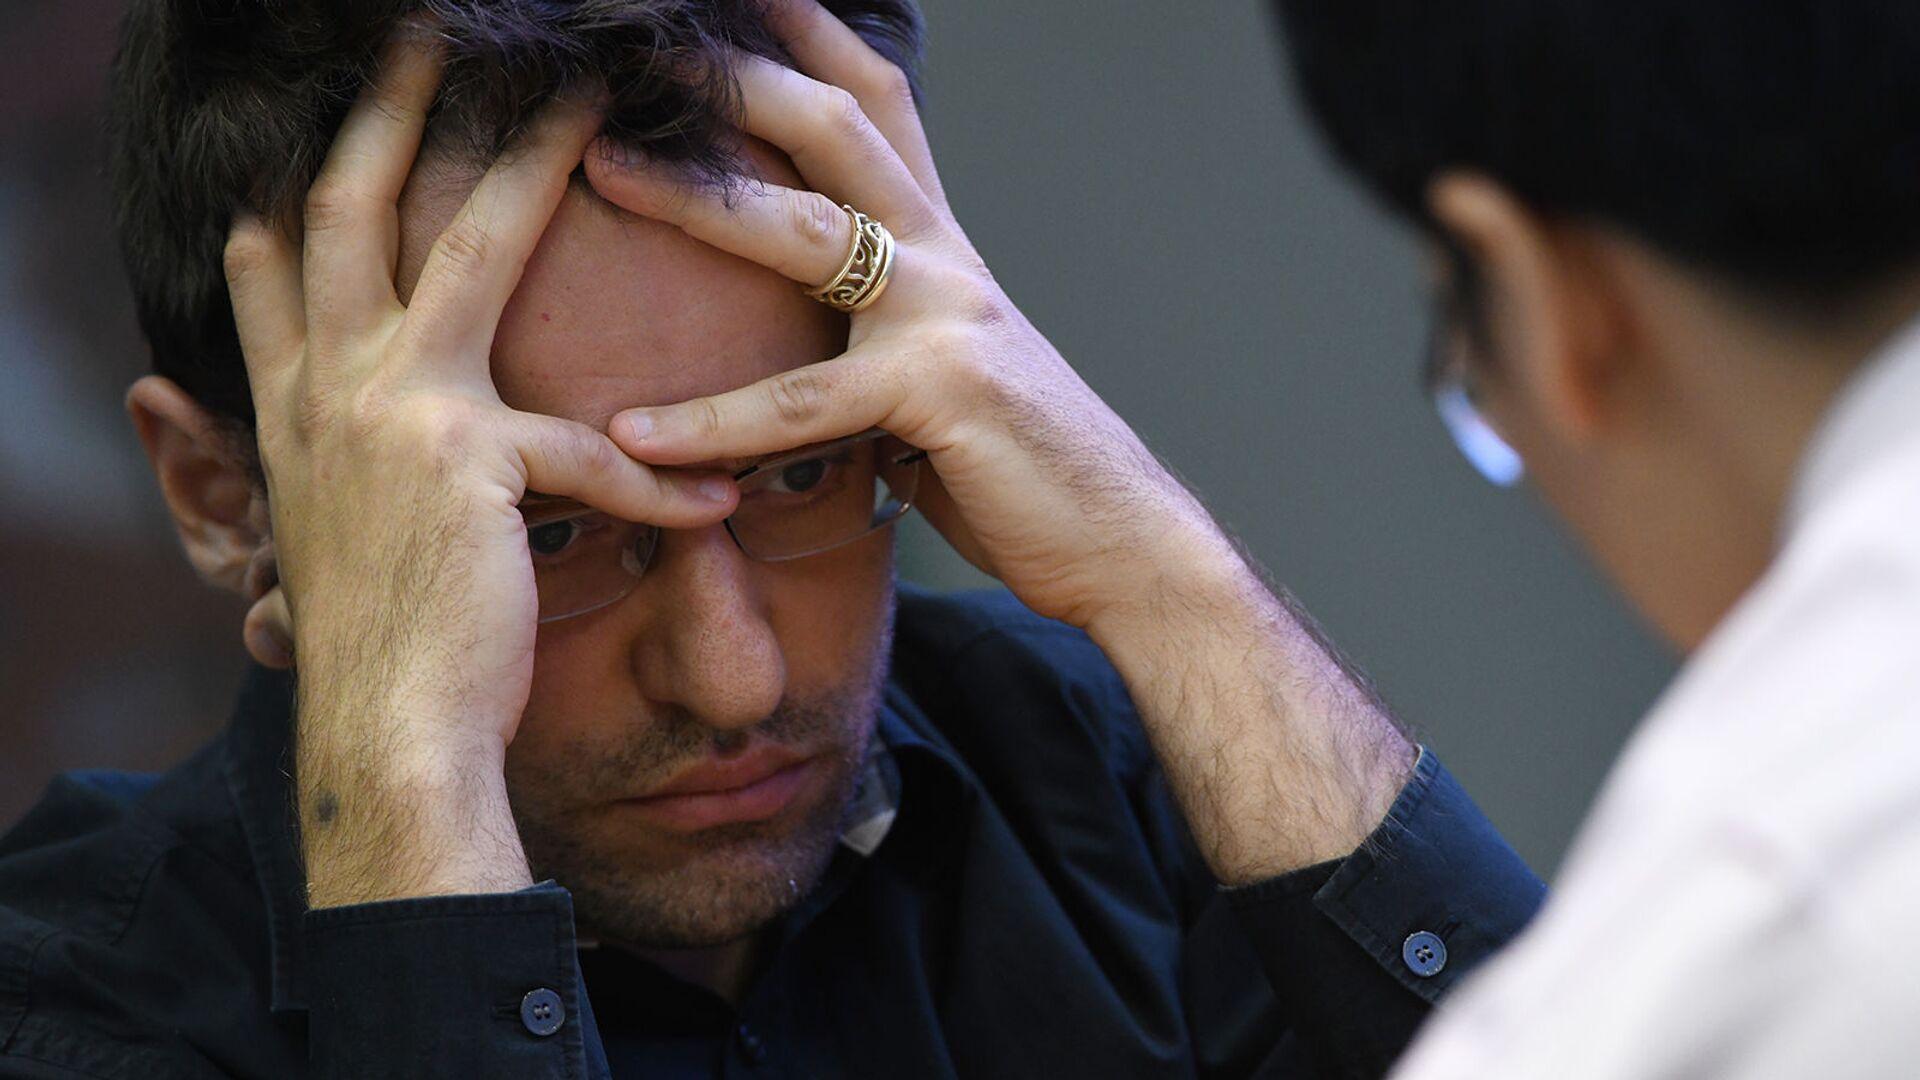 Гроссмейстер Левон Аронян на турнире по быстрым шахматам (рапид) чемпионата мира по рапиду и блицу 2019 (28 декабря 2019). Москвa - Sputnik Армения, 1920, 09.02.2021